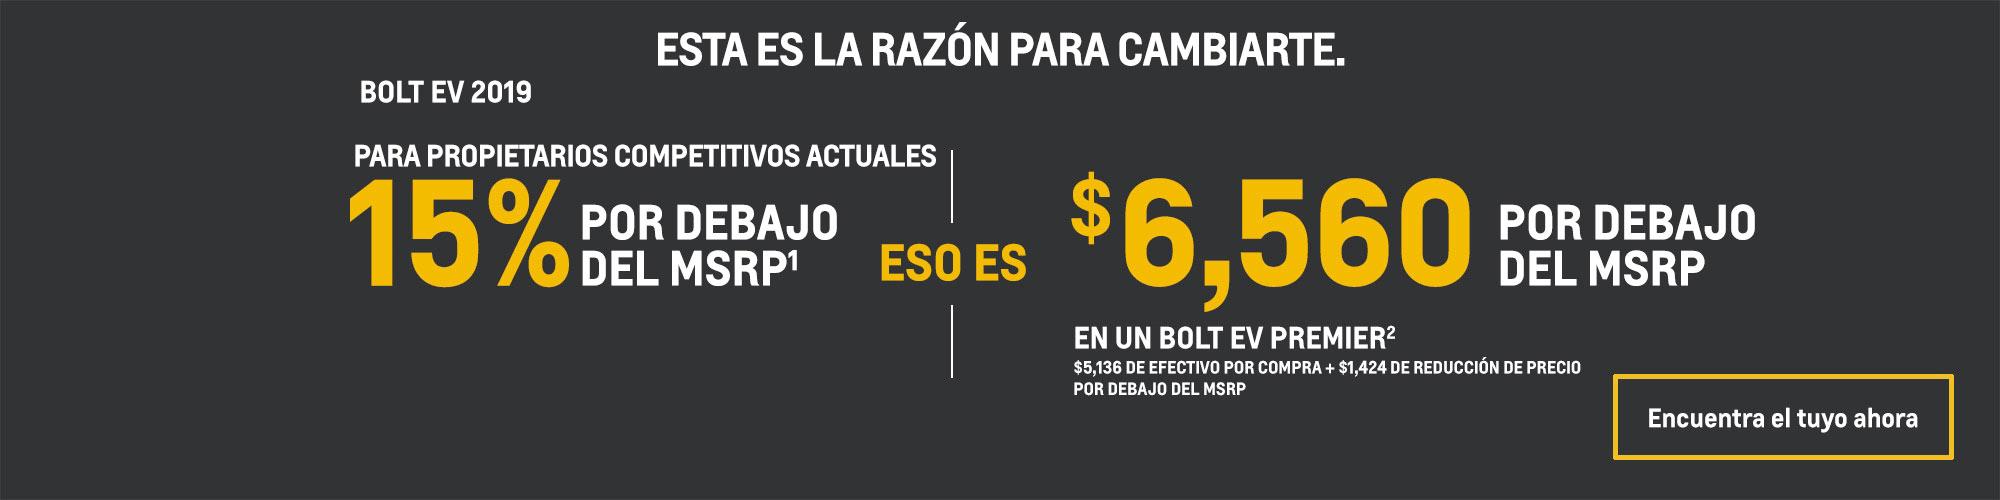 Chevrolet Bolt EV 2019: 15% por debajo del MSRP